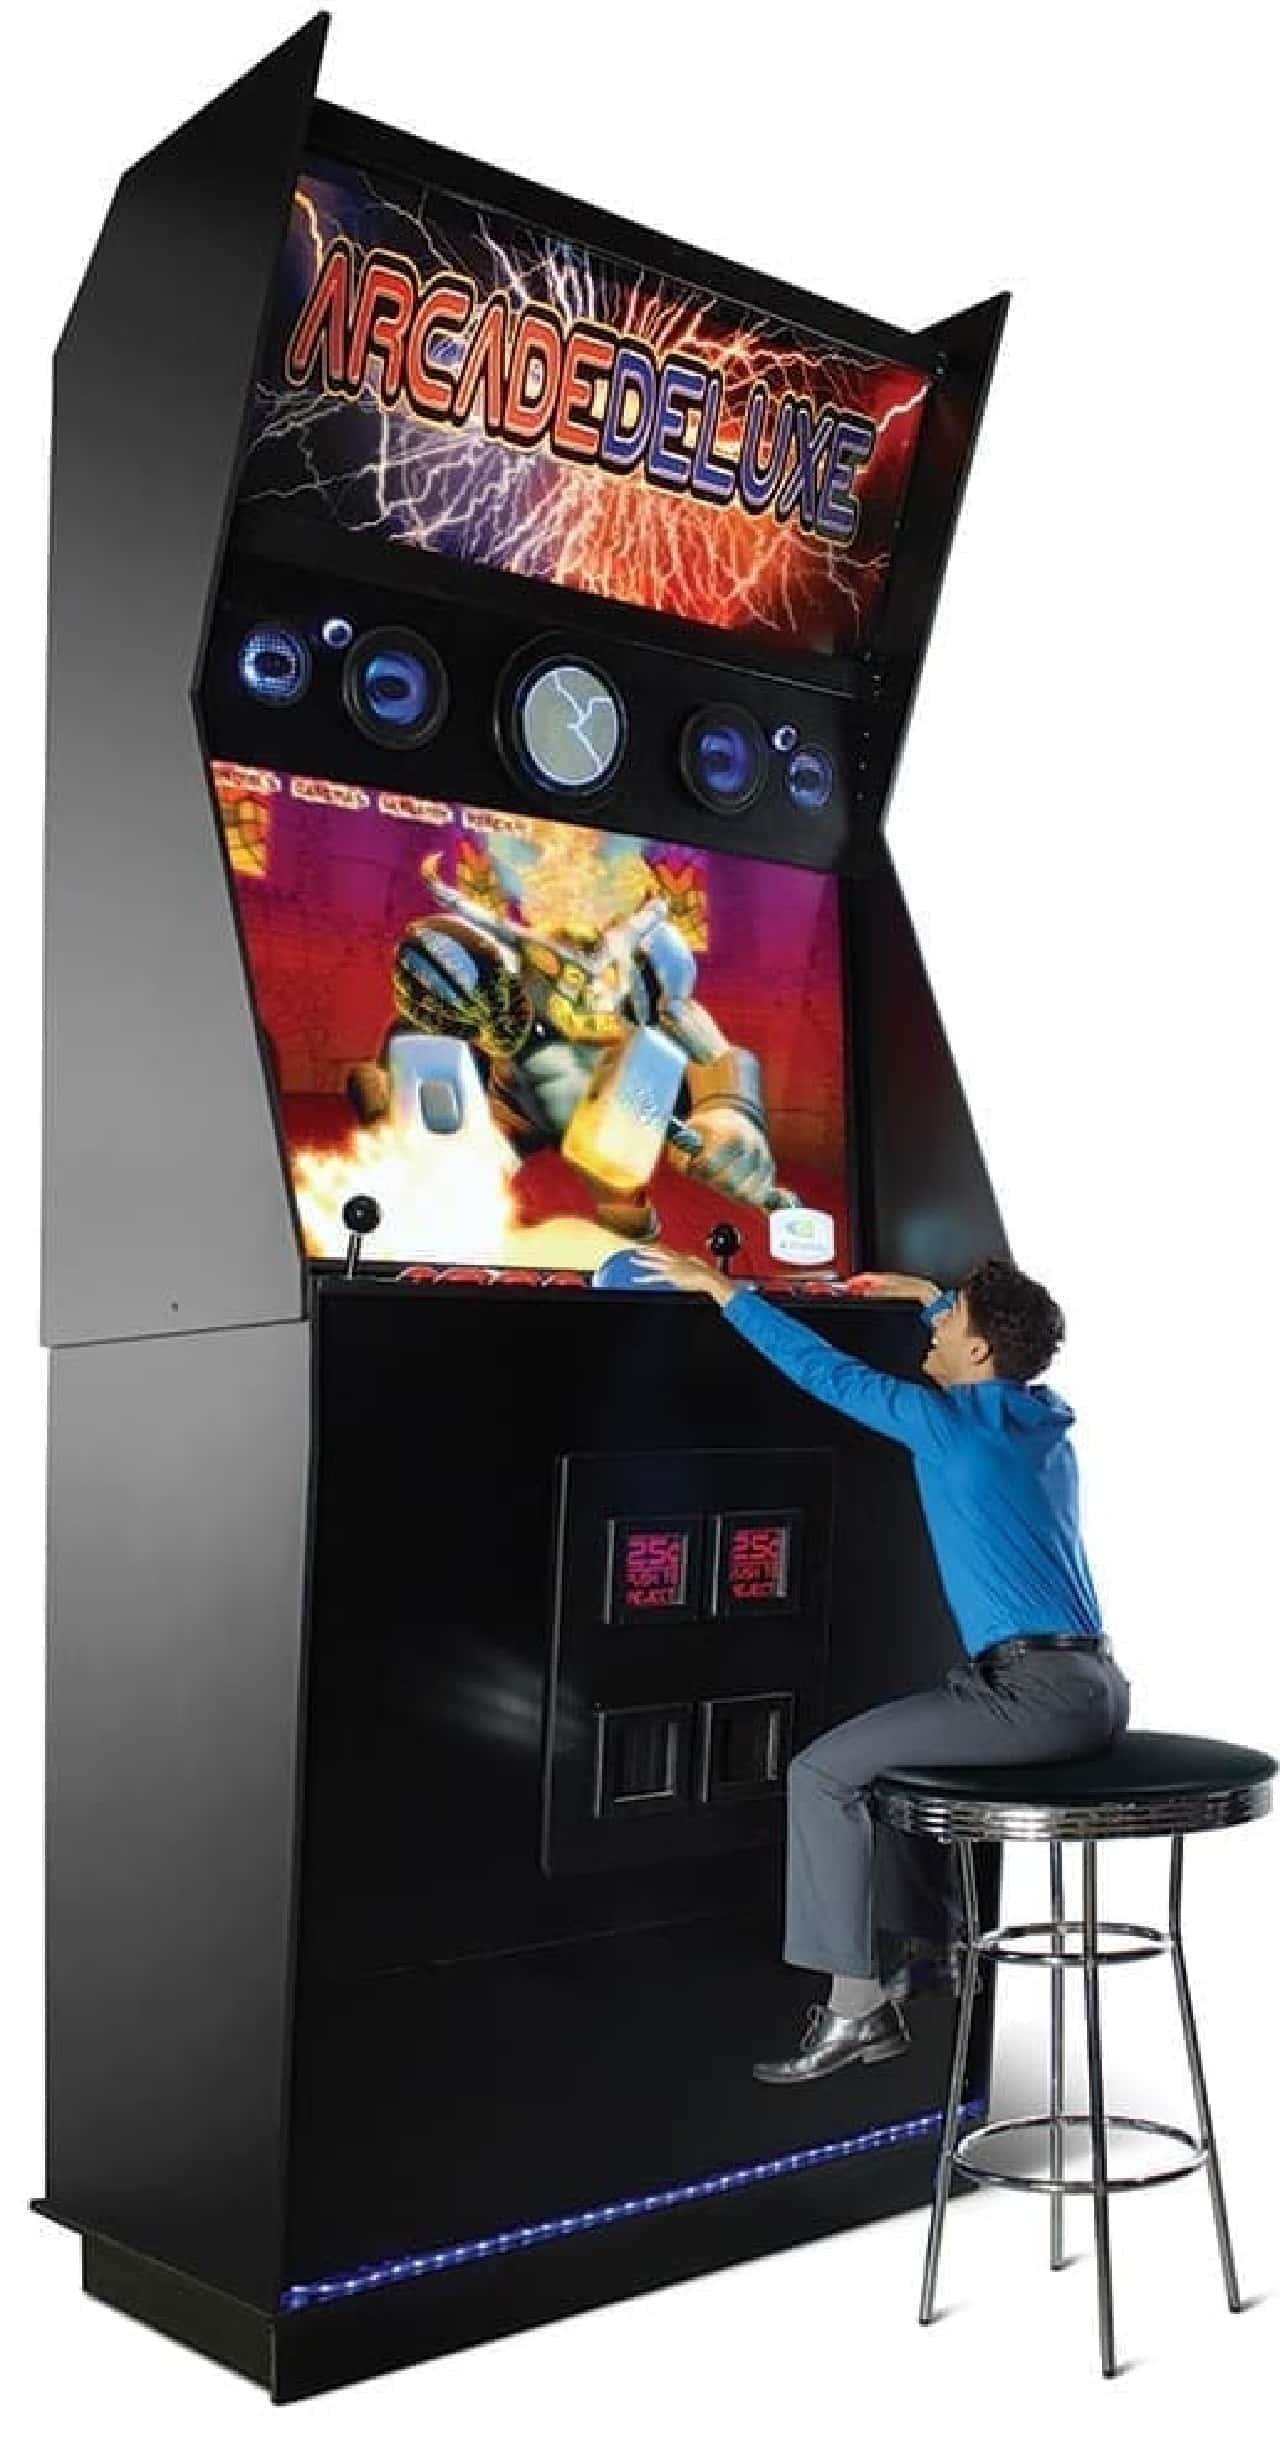 世界最大のゲームマシン、原寸大レプリカ販売中